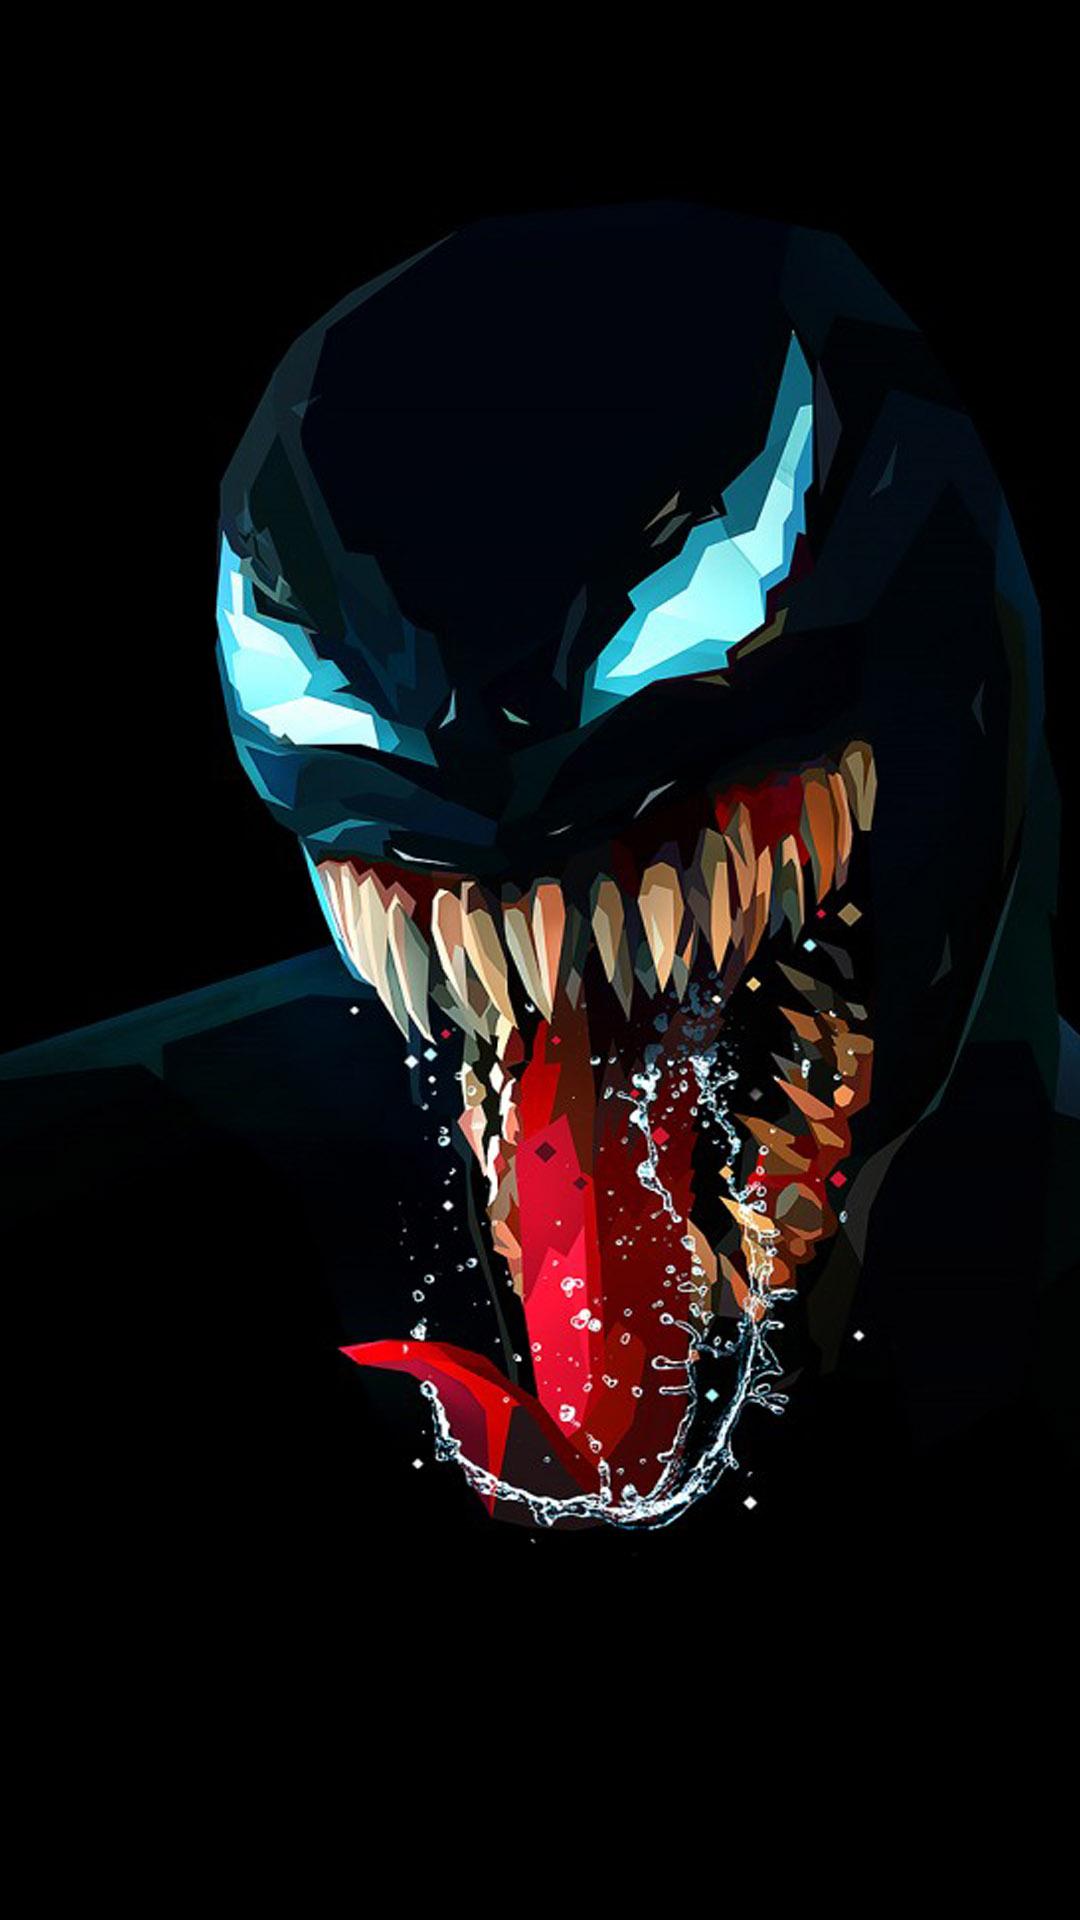 Download Venom Artwork Minimal Dark Background Free Pure 4k Ultra Hd